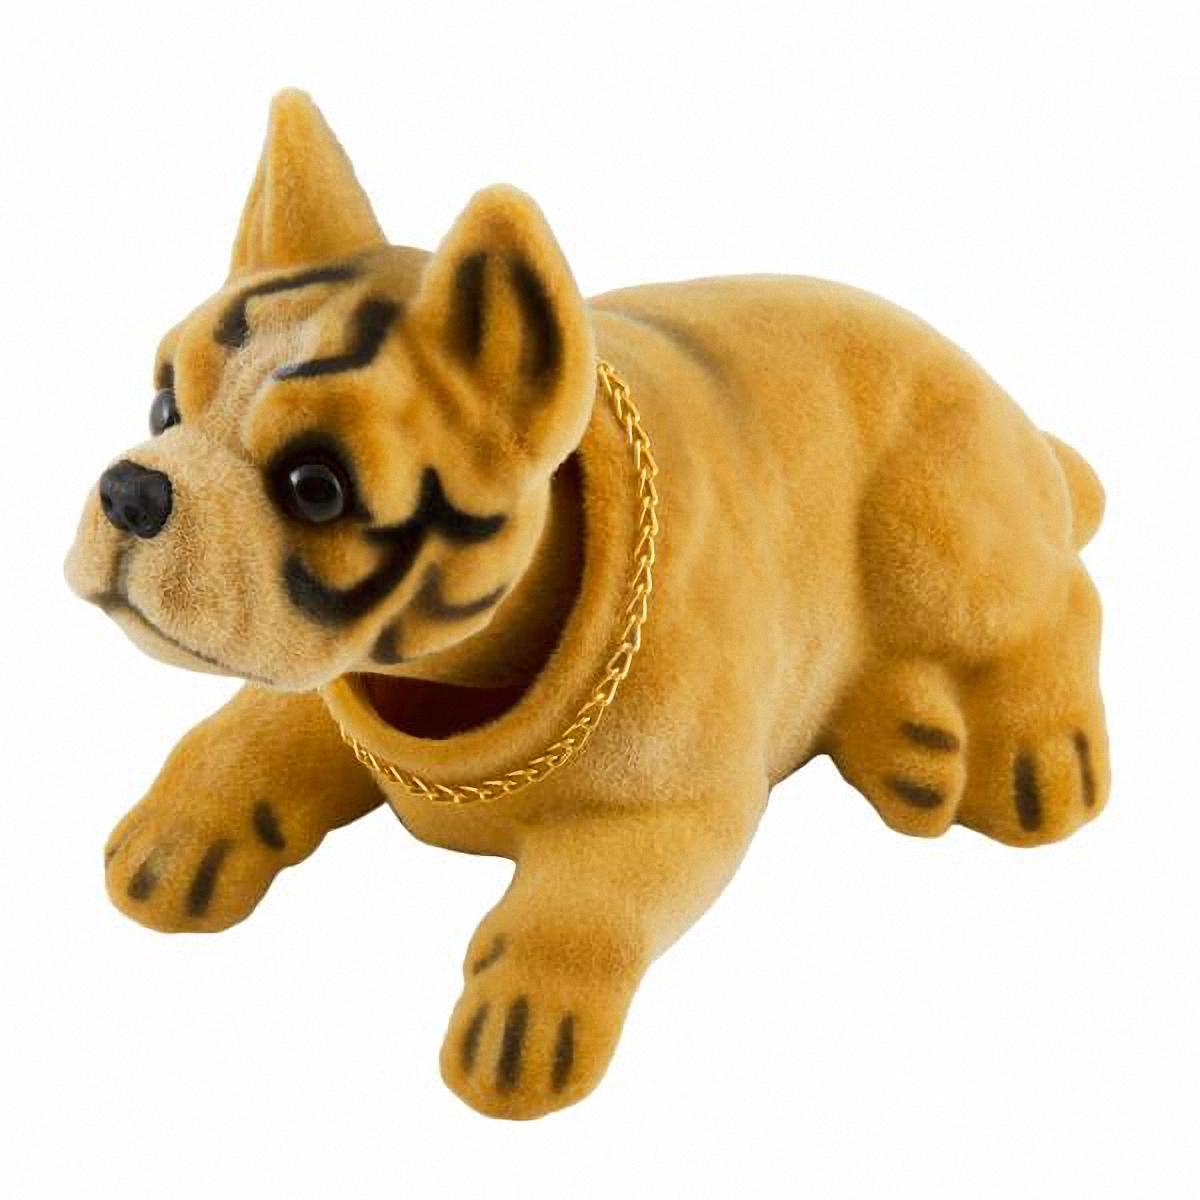 Ароматизатор воздуха автомобильный Skyway Боксер, яблокоS04201011Фигурка собаки с освежителем Яблоко легко крепится на панель и украшает интерьер салона автомобиля. Яблочный аромат освежителя, входящий в комплект, наполняет салон приятным благоуханием и устраняет все неприятные запахи. Благодаря своей текстуре, освежитель менее летуч и не испарится в жаркое время года, поэтому вы сможете наслаждаться понравившимся ароматом длительное время. Освежитель располагается в игрушке, внутри она пустотелая. Особенности игрушки: Качает головой во время движения автомобиля. Работает без батареек и солнечной энергии. Простая и быстрая установка в салоне вашего автомобиля с помощью клейкой ленты. Внимание: Не устанавливайте игрушку в местах срабатывания подушек безопасности. Беречь от детей и животных. Материал: синтетическая смола. Комплектация: освежитель, клейкая лента, игрушка.